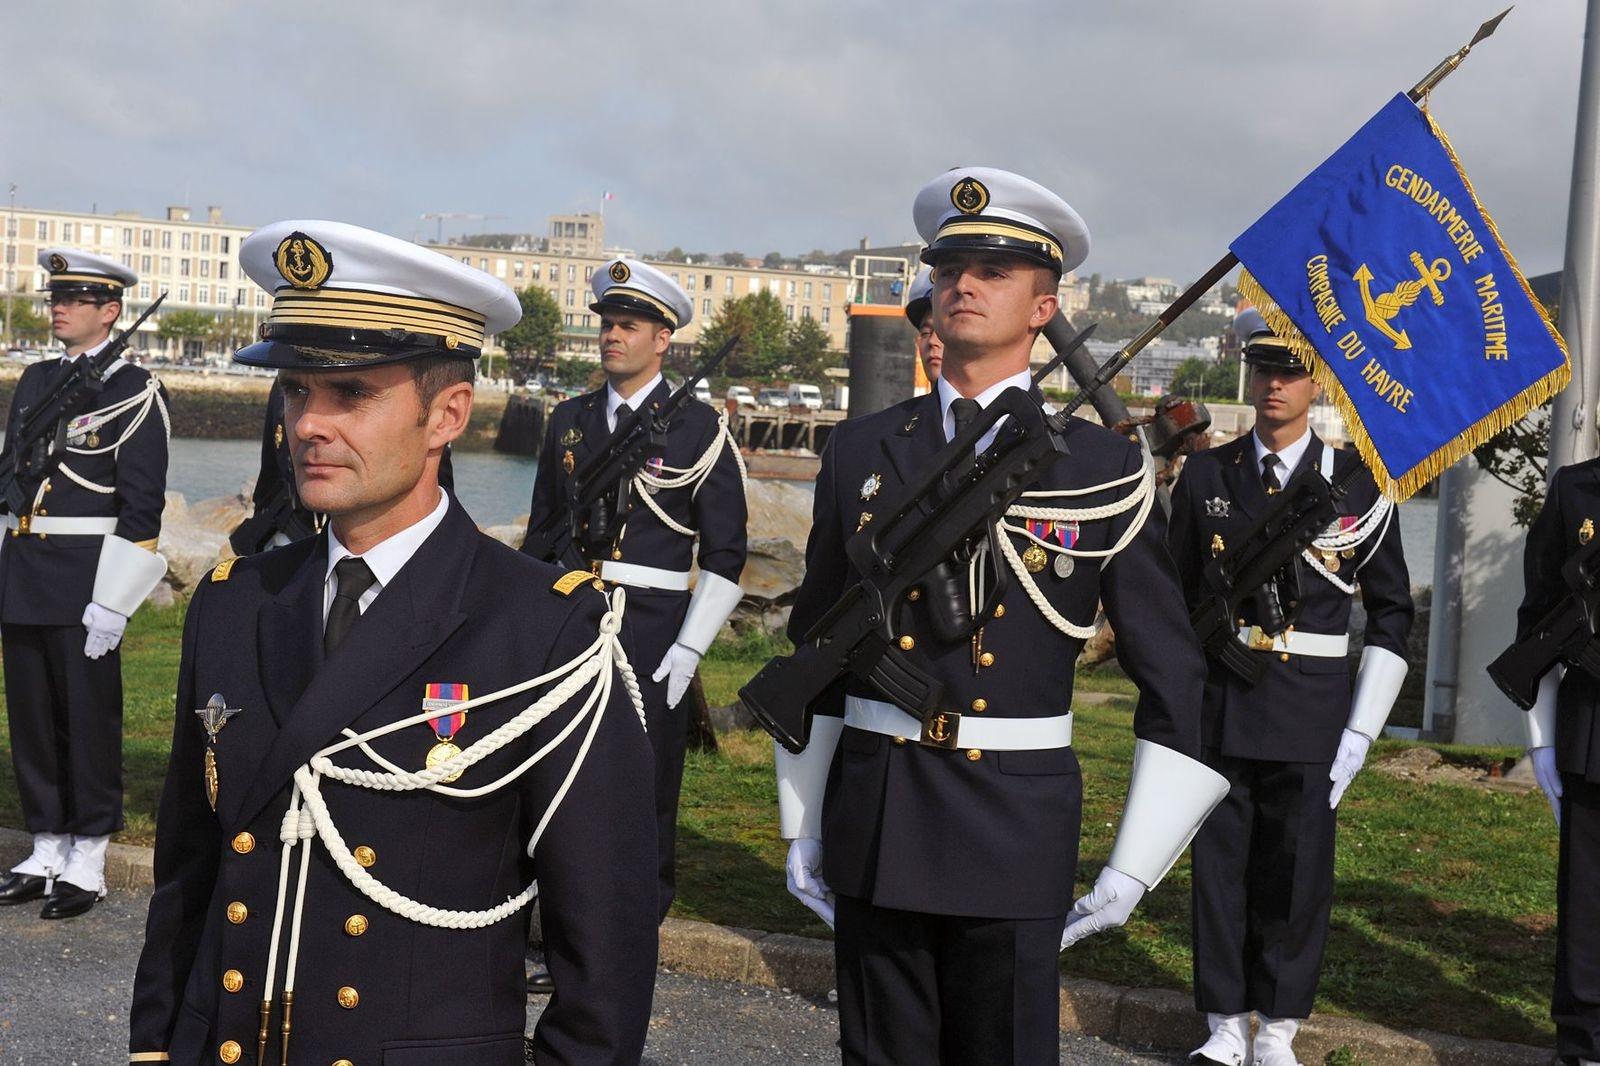 [Les écoles de spécialités] École de Gendarmerie Maritime Toulon. - Page 2 Ob_64264e_remise-de-fanion-1.jpg.786fc63b1ef4cffe42a5a50b3a3b78e7